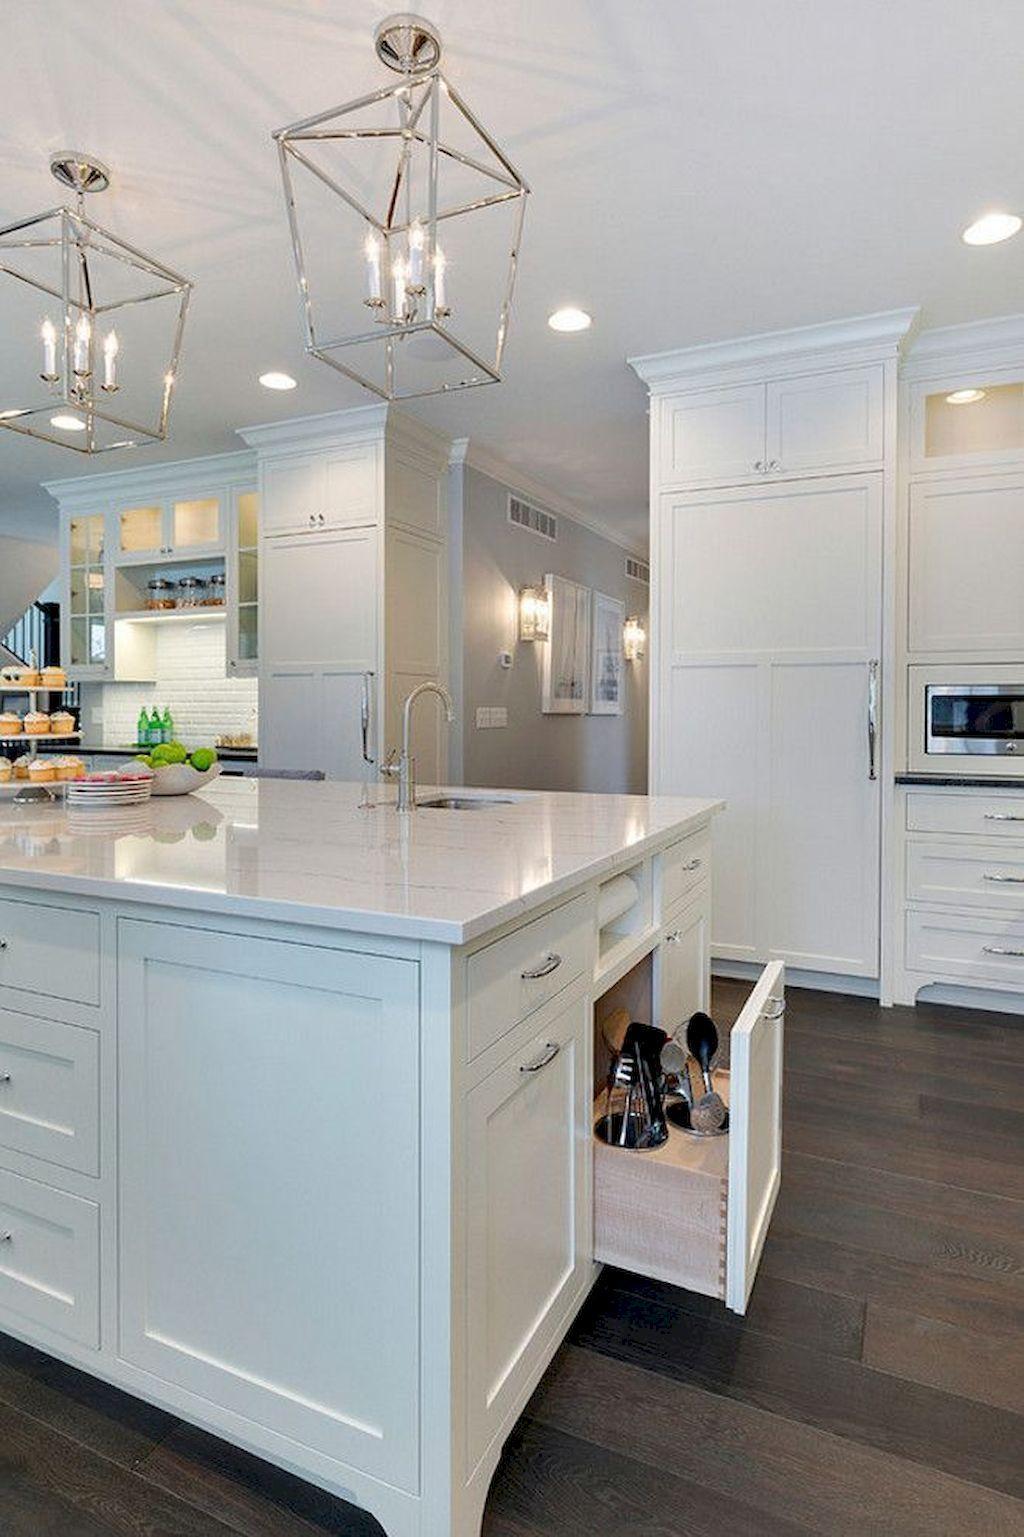 All Around Designed House With Kitchen Storage Home To Z Kitchen Island Cabinets Kitchen Cabinet Design Kitchen Layout